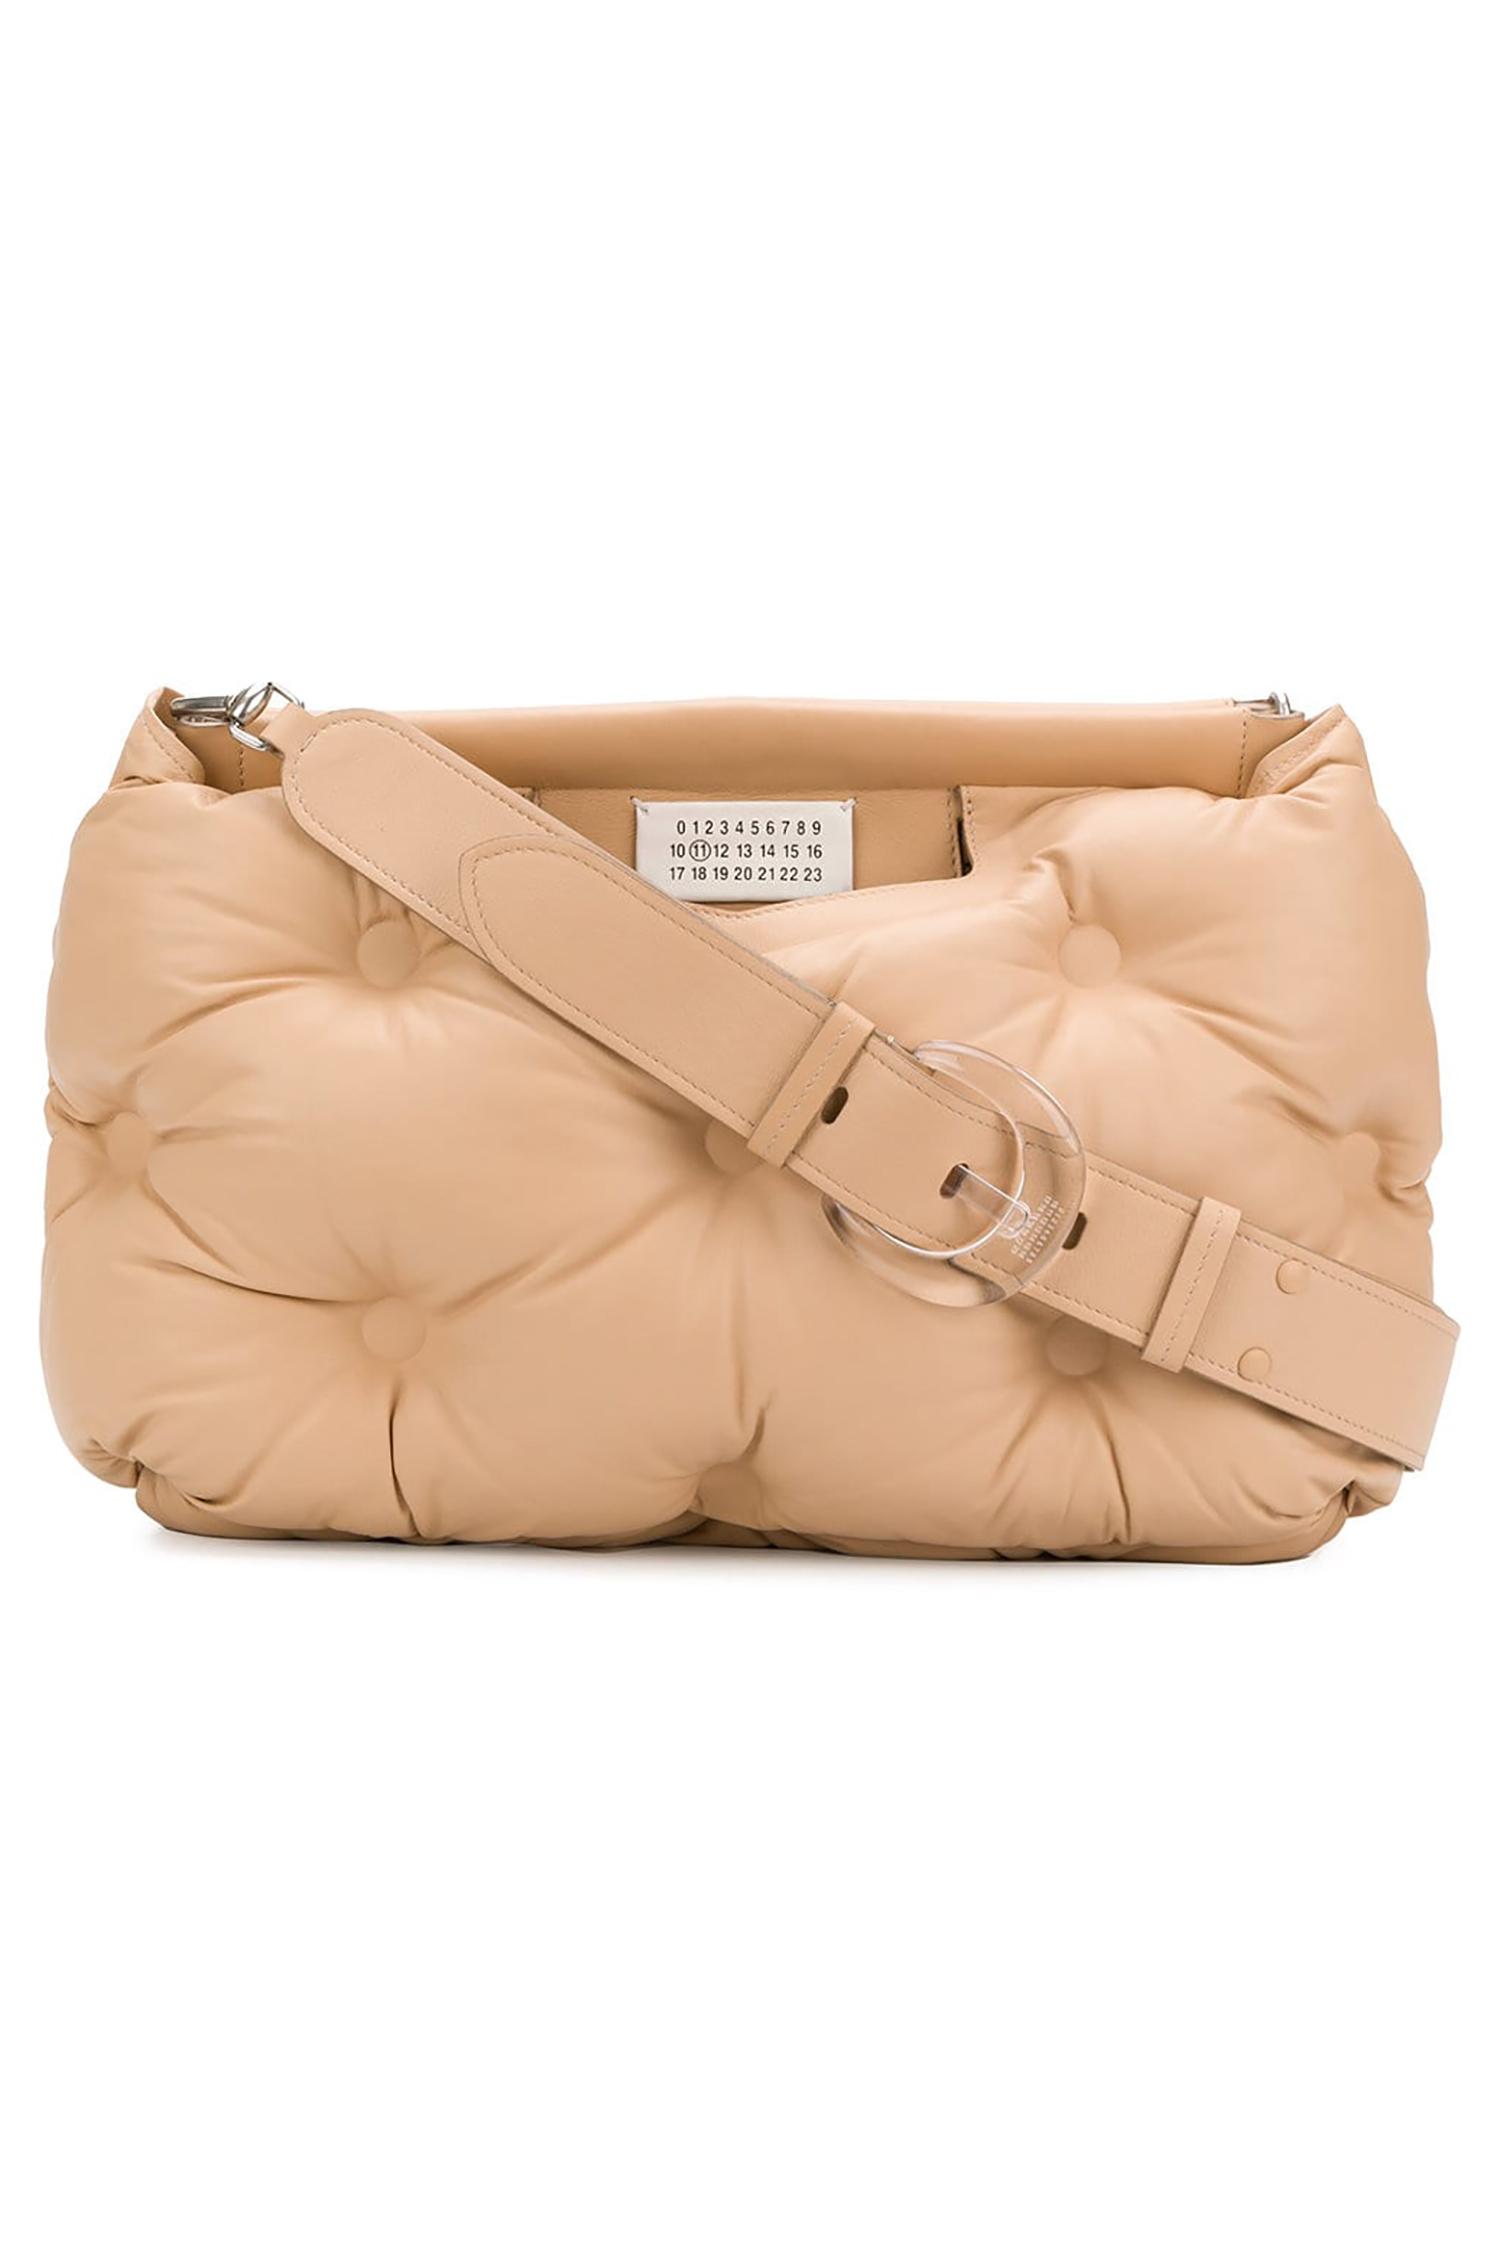 5174cb050953 Maison Margiela Стеганая сумка-тоут ...